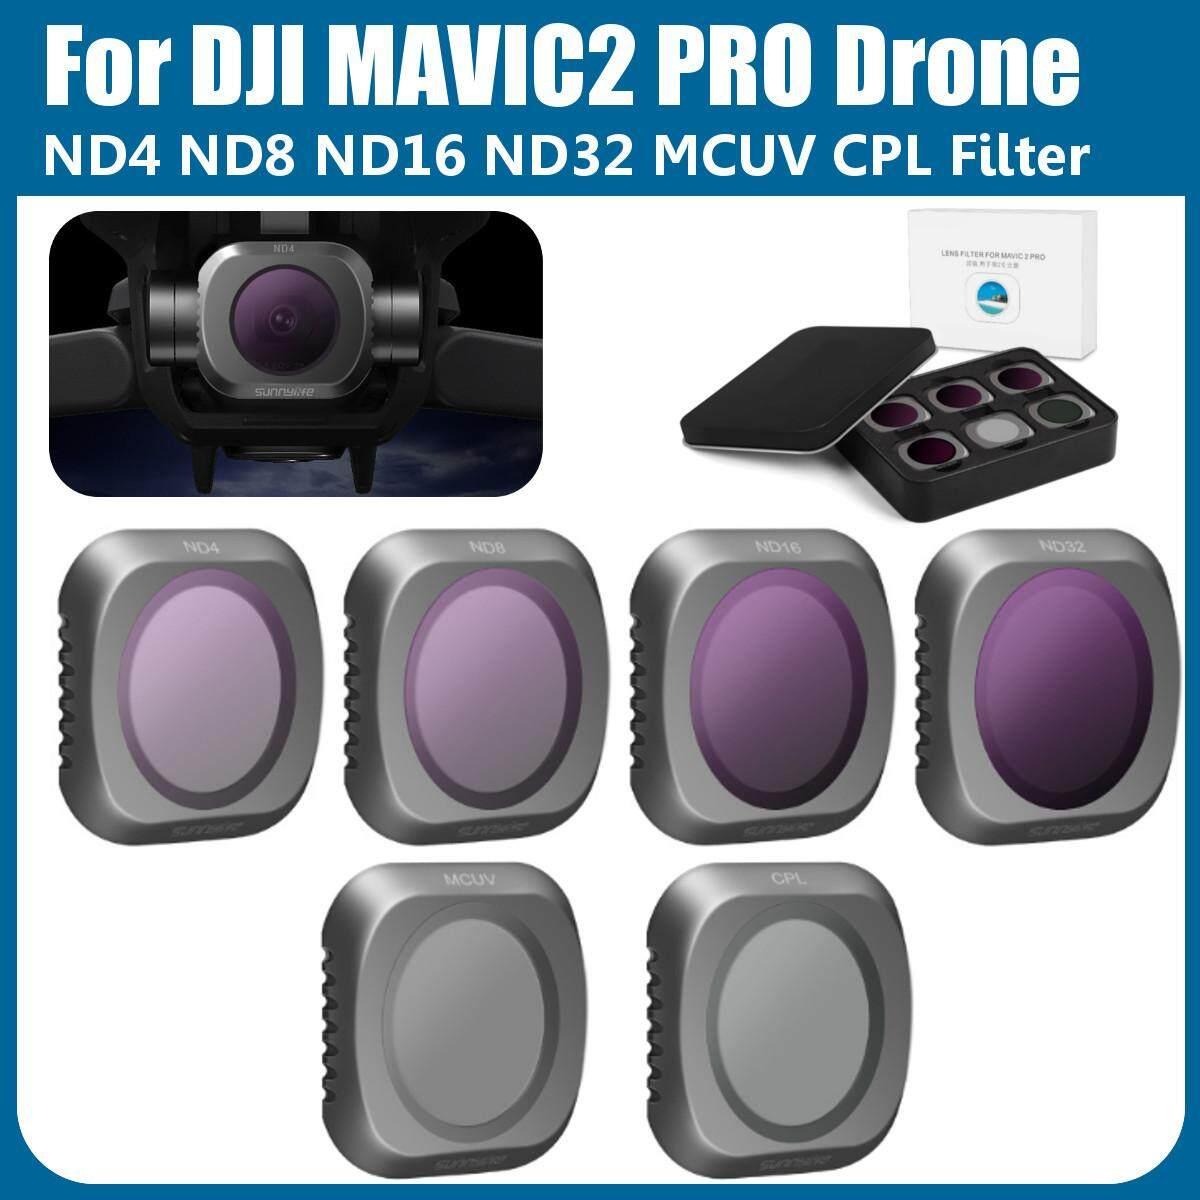 Giá Cho DJI MAVIC2 PRO Drone Camera Ống Kính Lọc MCUV CPL ND4 ND8 ND16 ND32 Lọc